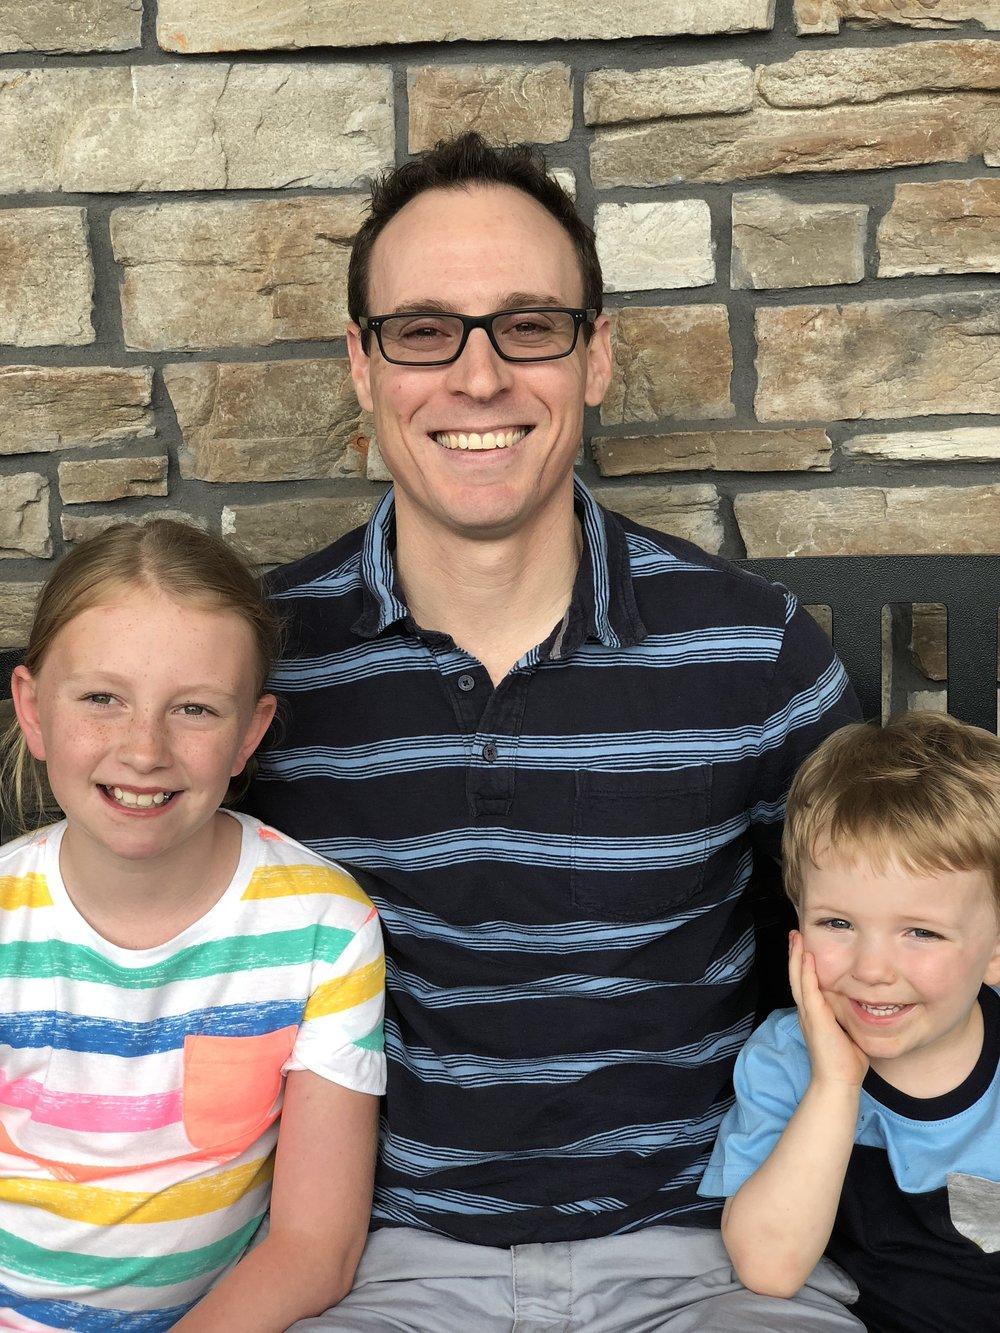 Caleb Brown, Adoptive Dad